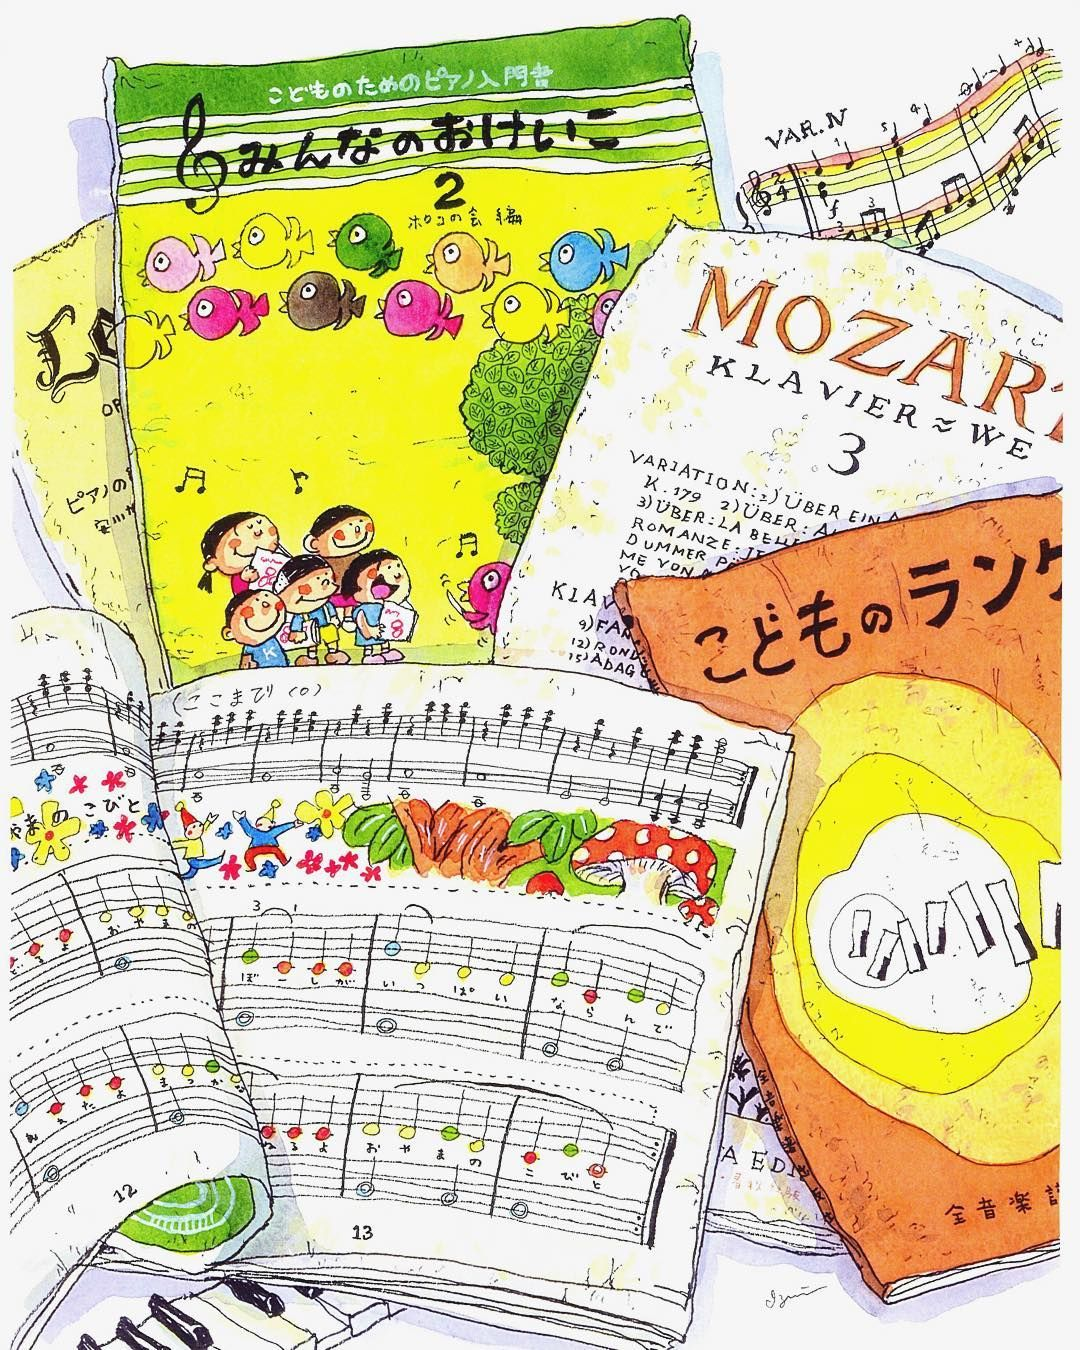 カラフルなイラストと音符は子供ながらにとっても楽しめた楽譜でした(30年以上前の)今でもモーツァルトとシューベルトをよく弾いています  No musicNo life  #sheetmusic #music #book #note #mozart #piano #colorful #楽譜 #ピアノ #音符 #紙もの #モーツァルト #カラフル by izumitakahara29